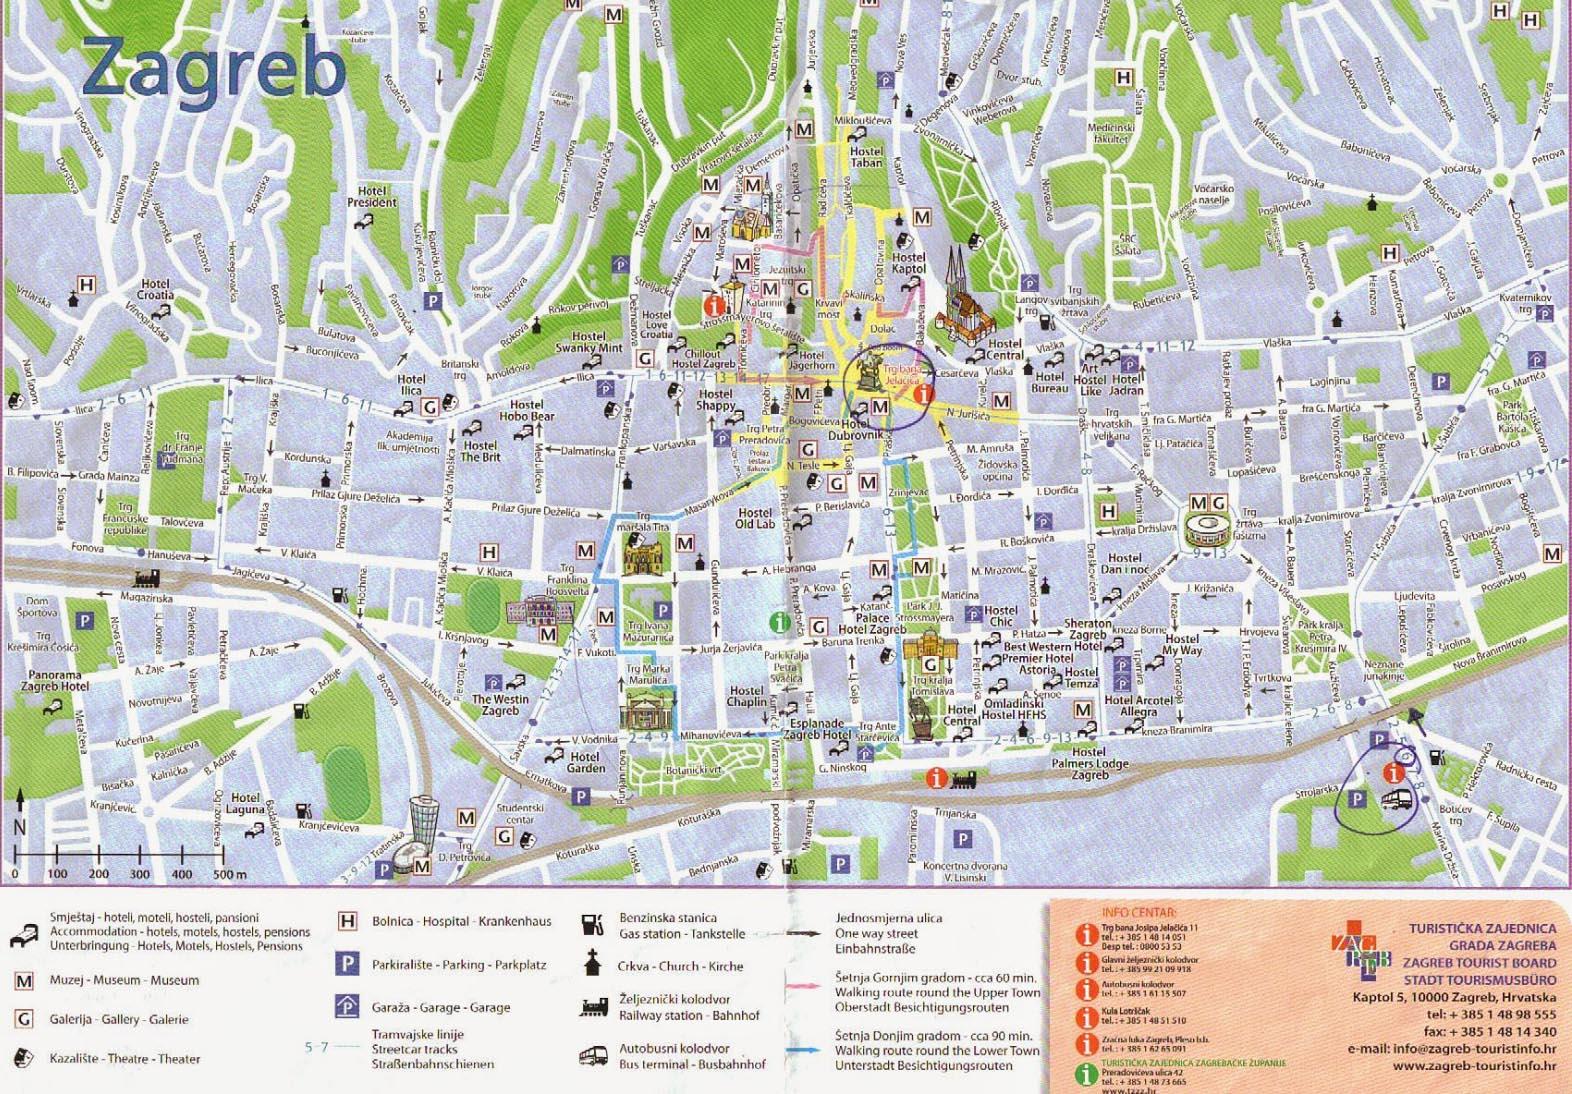 zagreb mapa Zagreb map zagreb mapa